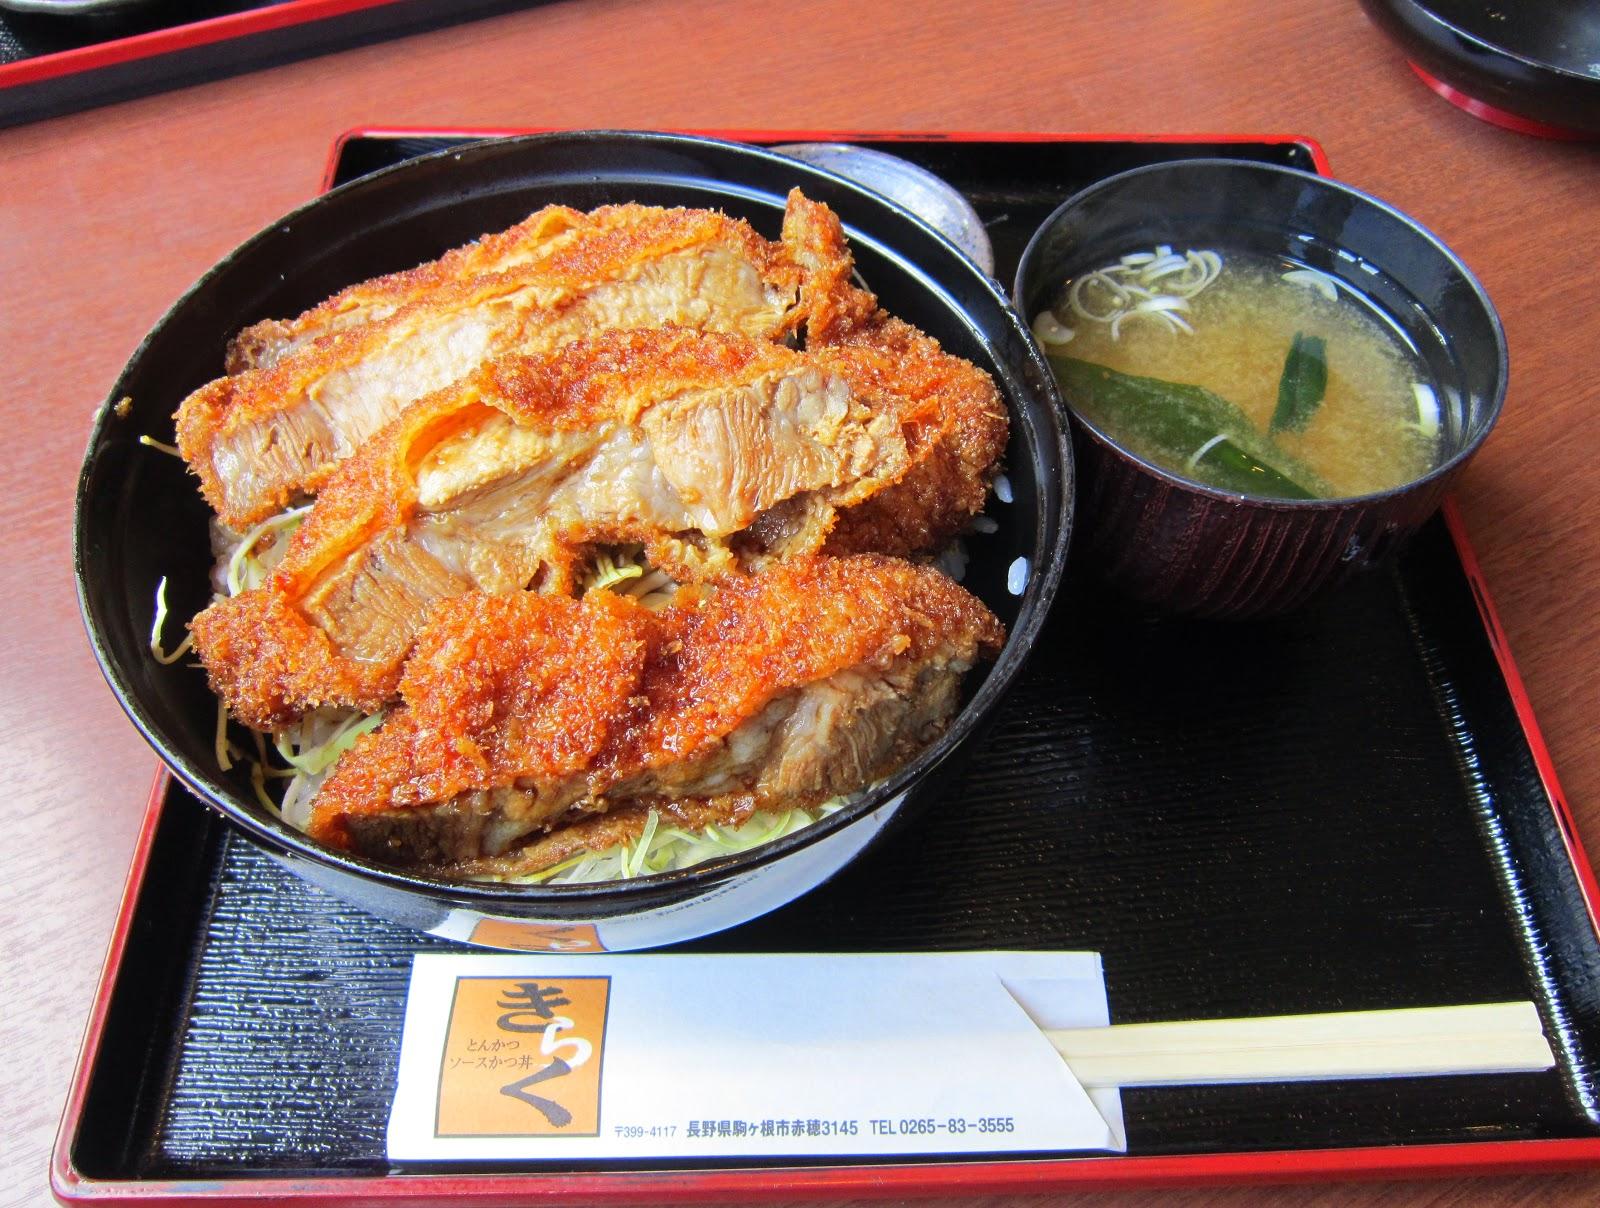 駒ヶ根のランチおすすめスポット21選!名物ソースかつ丼もしっかり堪能